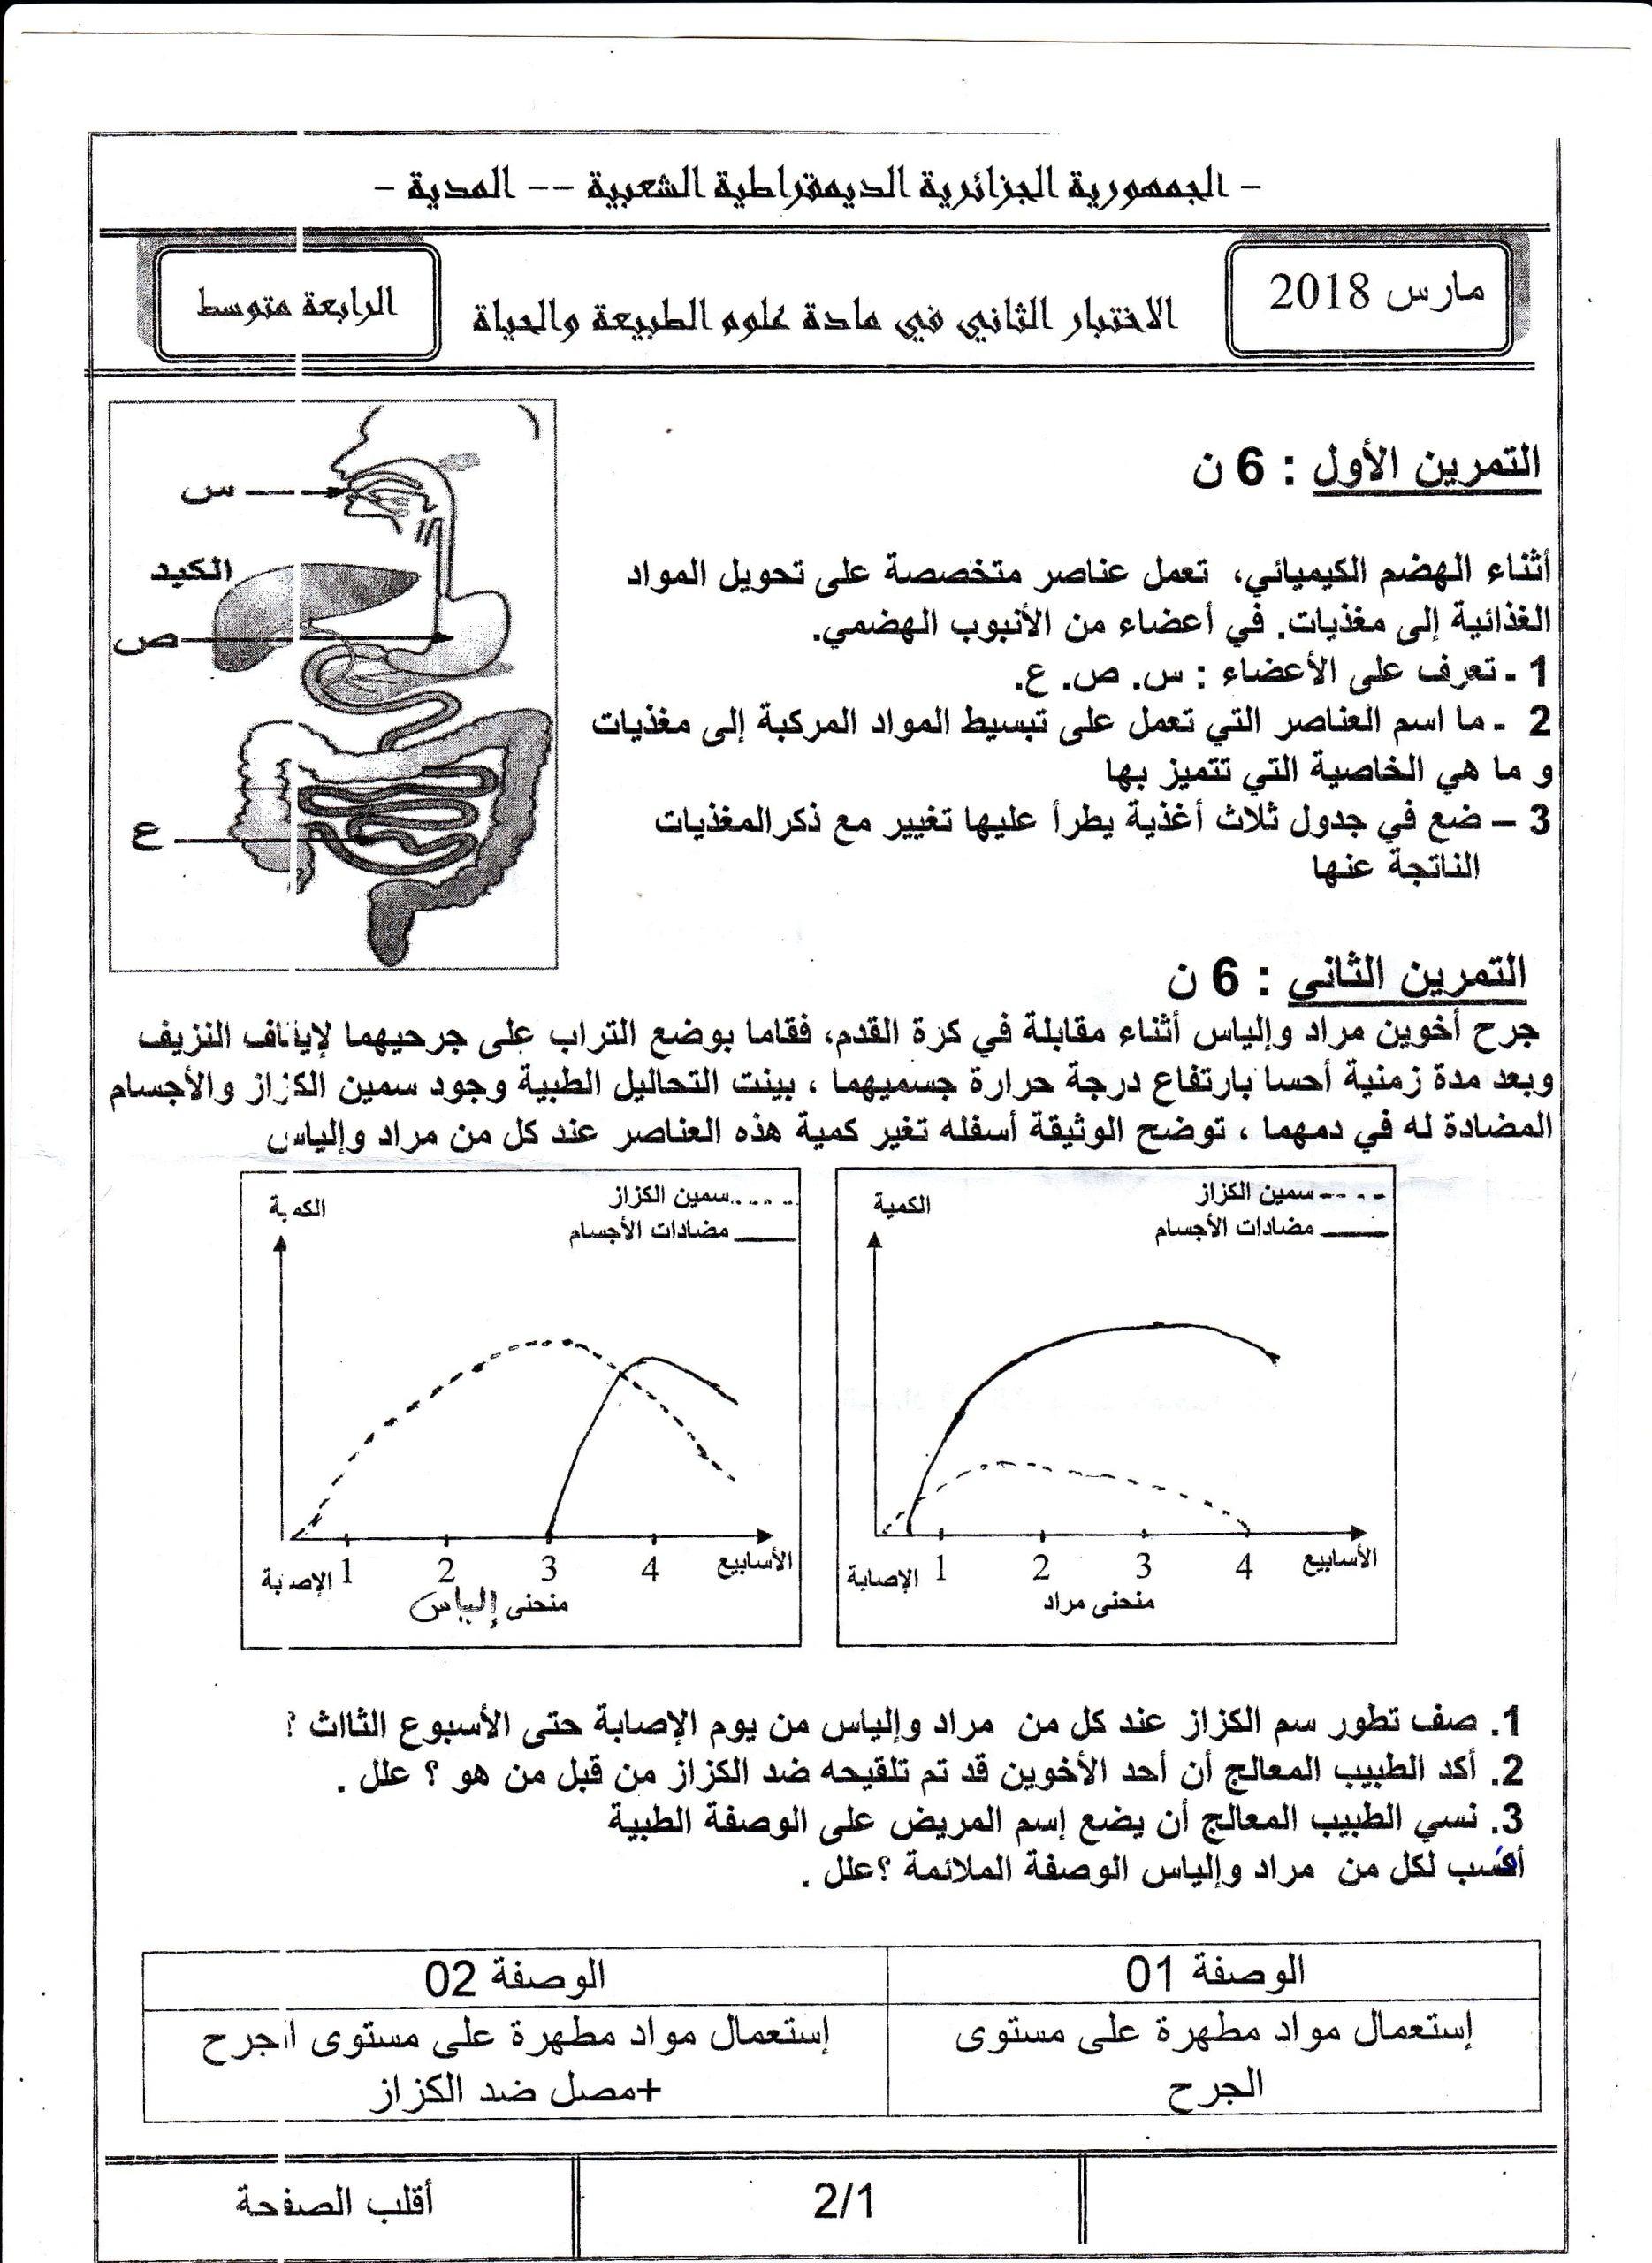 اختبار الفصل الثاني في العلوم الطبيعية مع الحل الرابعة متوسط   الموضوع 02